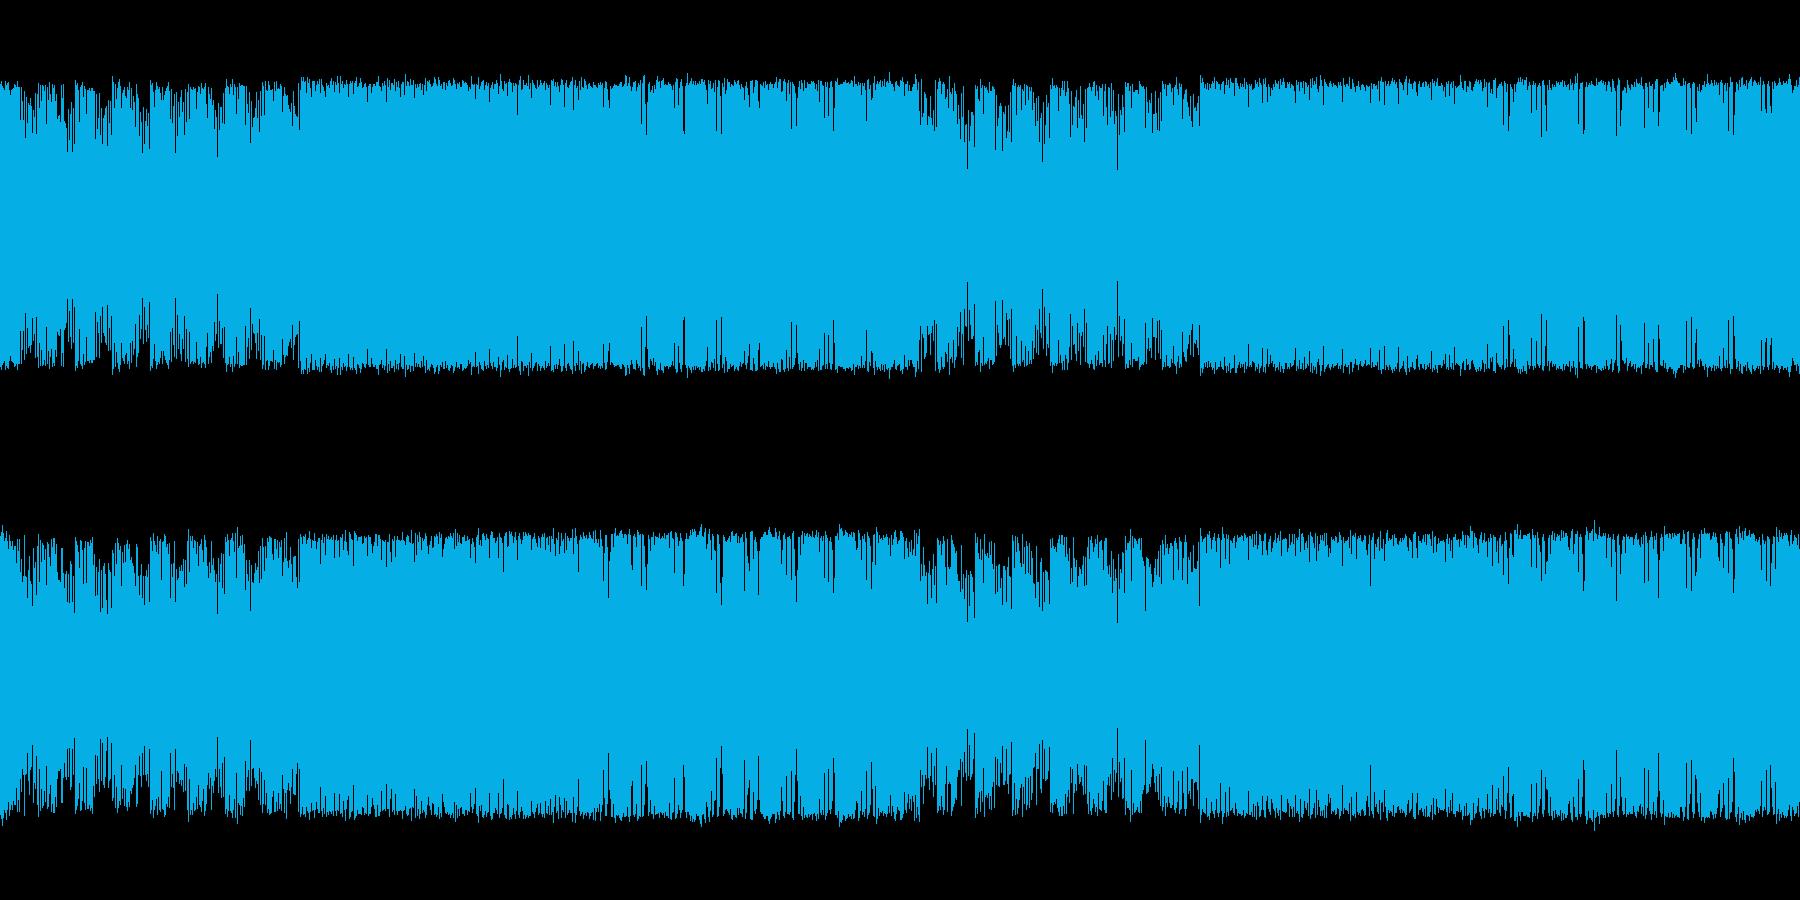 緊迫感と焦燥感のある電子系ボス系の曲の再生済みの波形